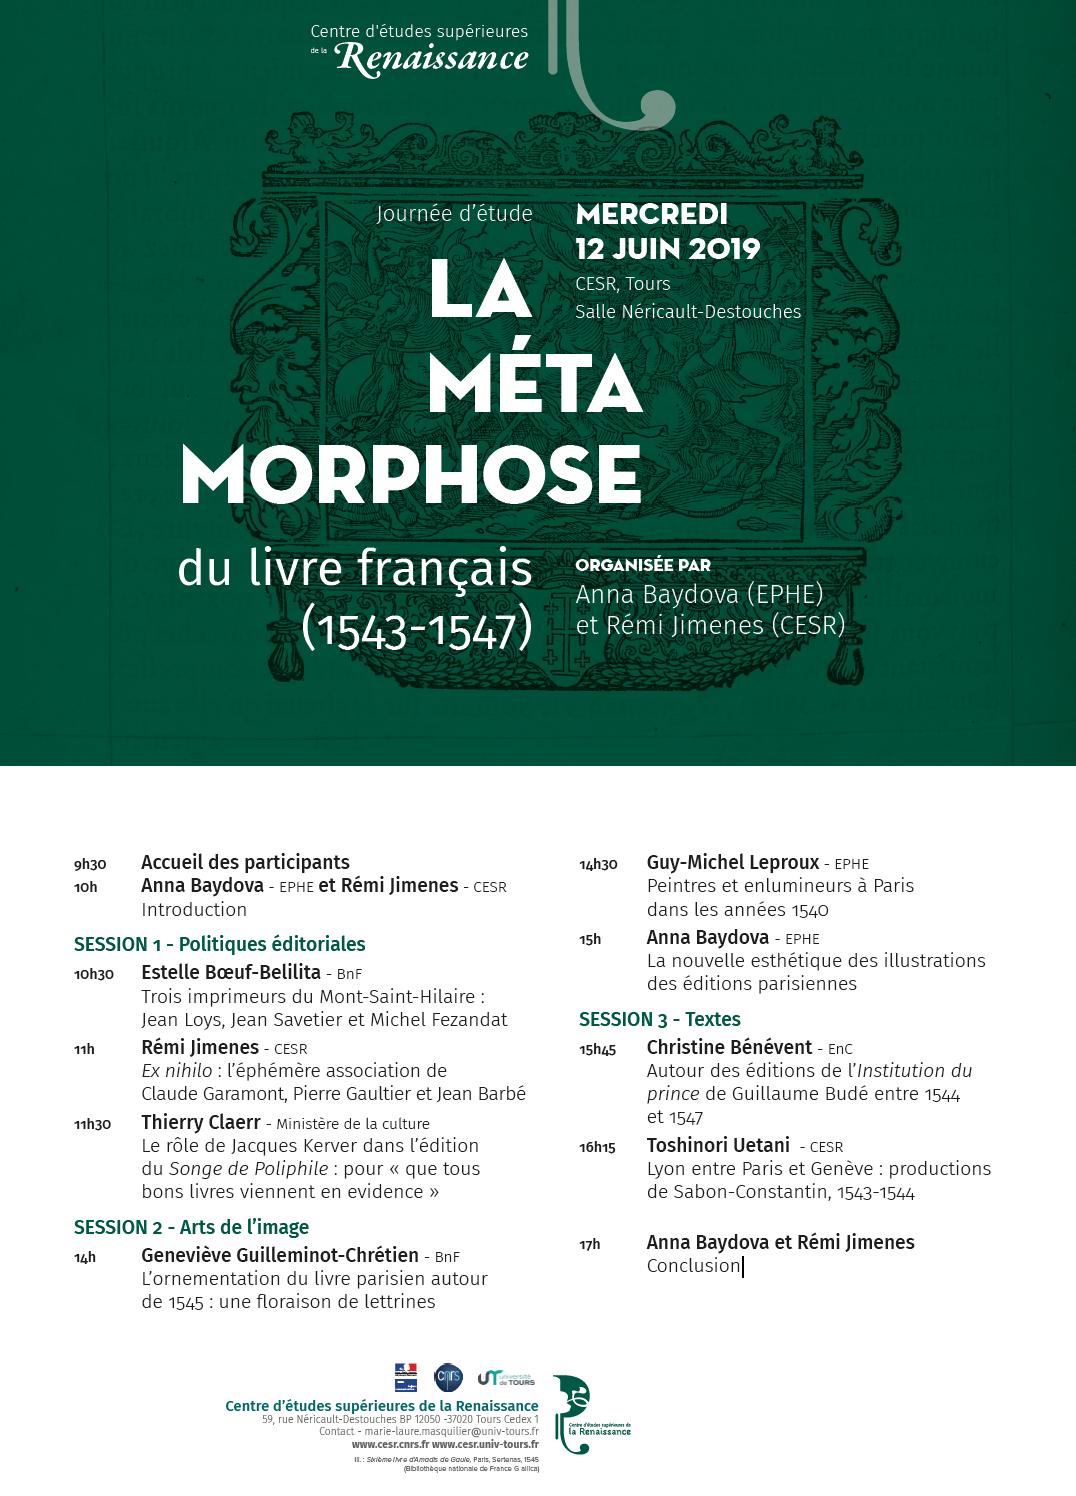 AFFICHE - La métamorphose du livre français